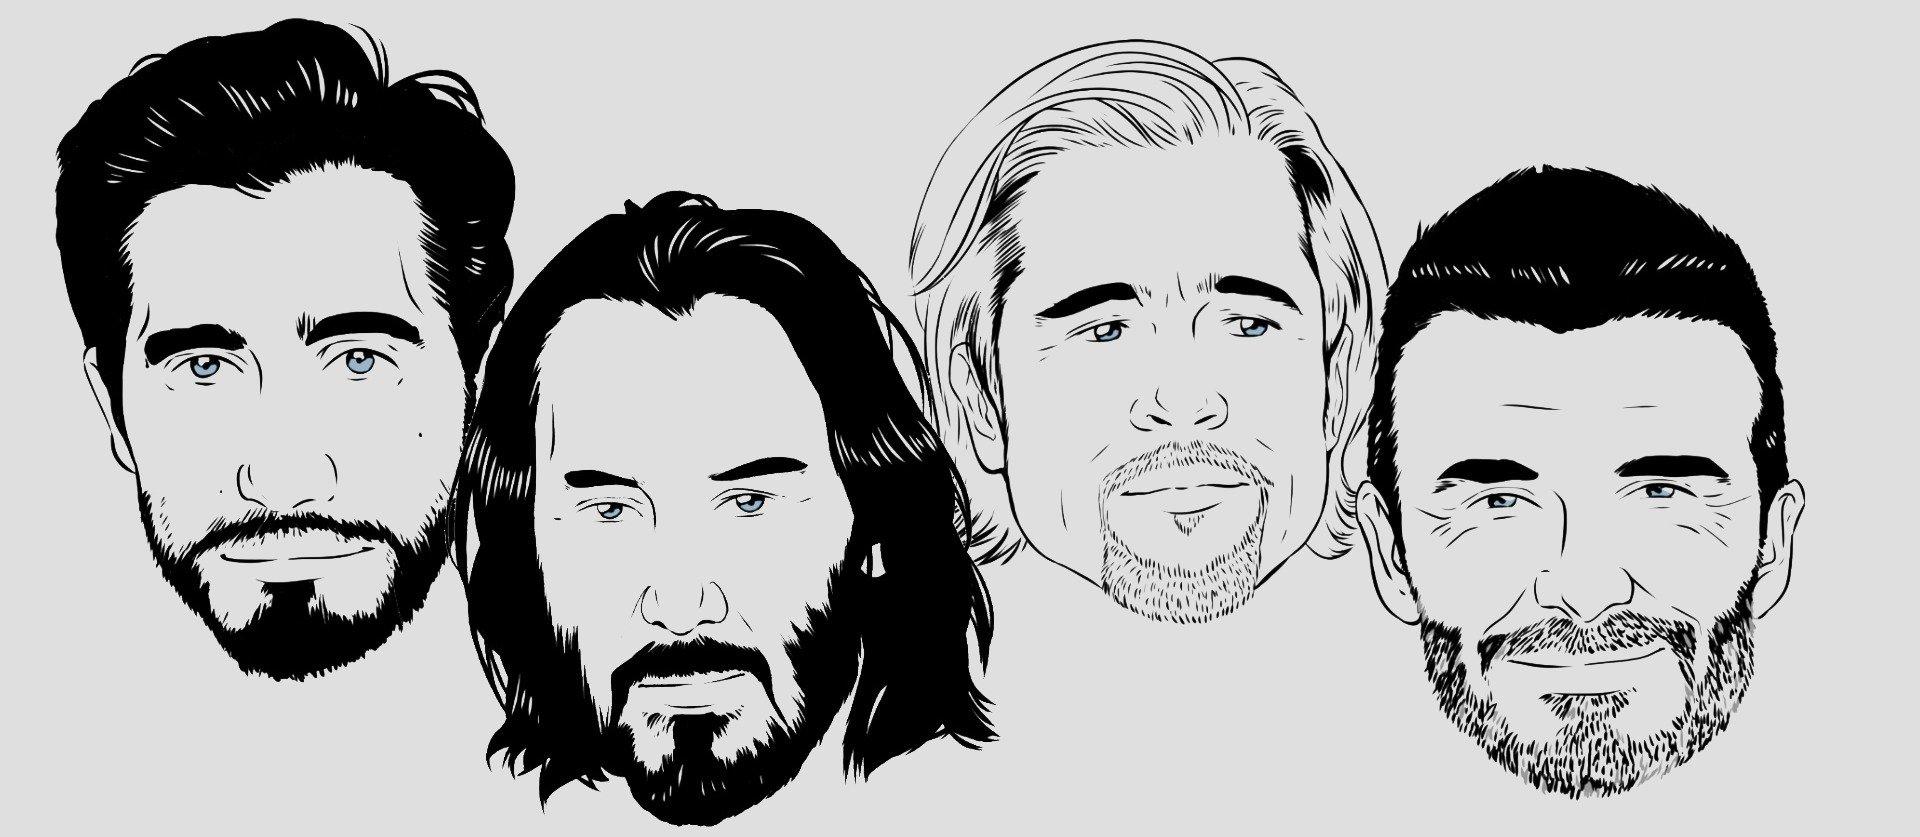 How to grow a beard?